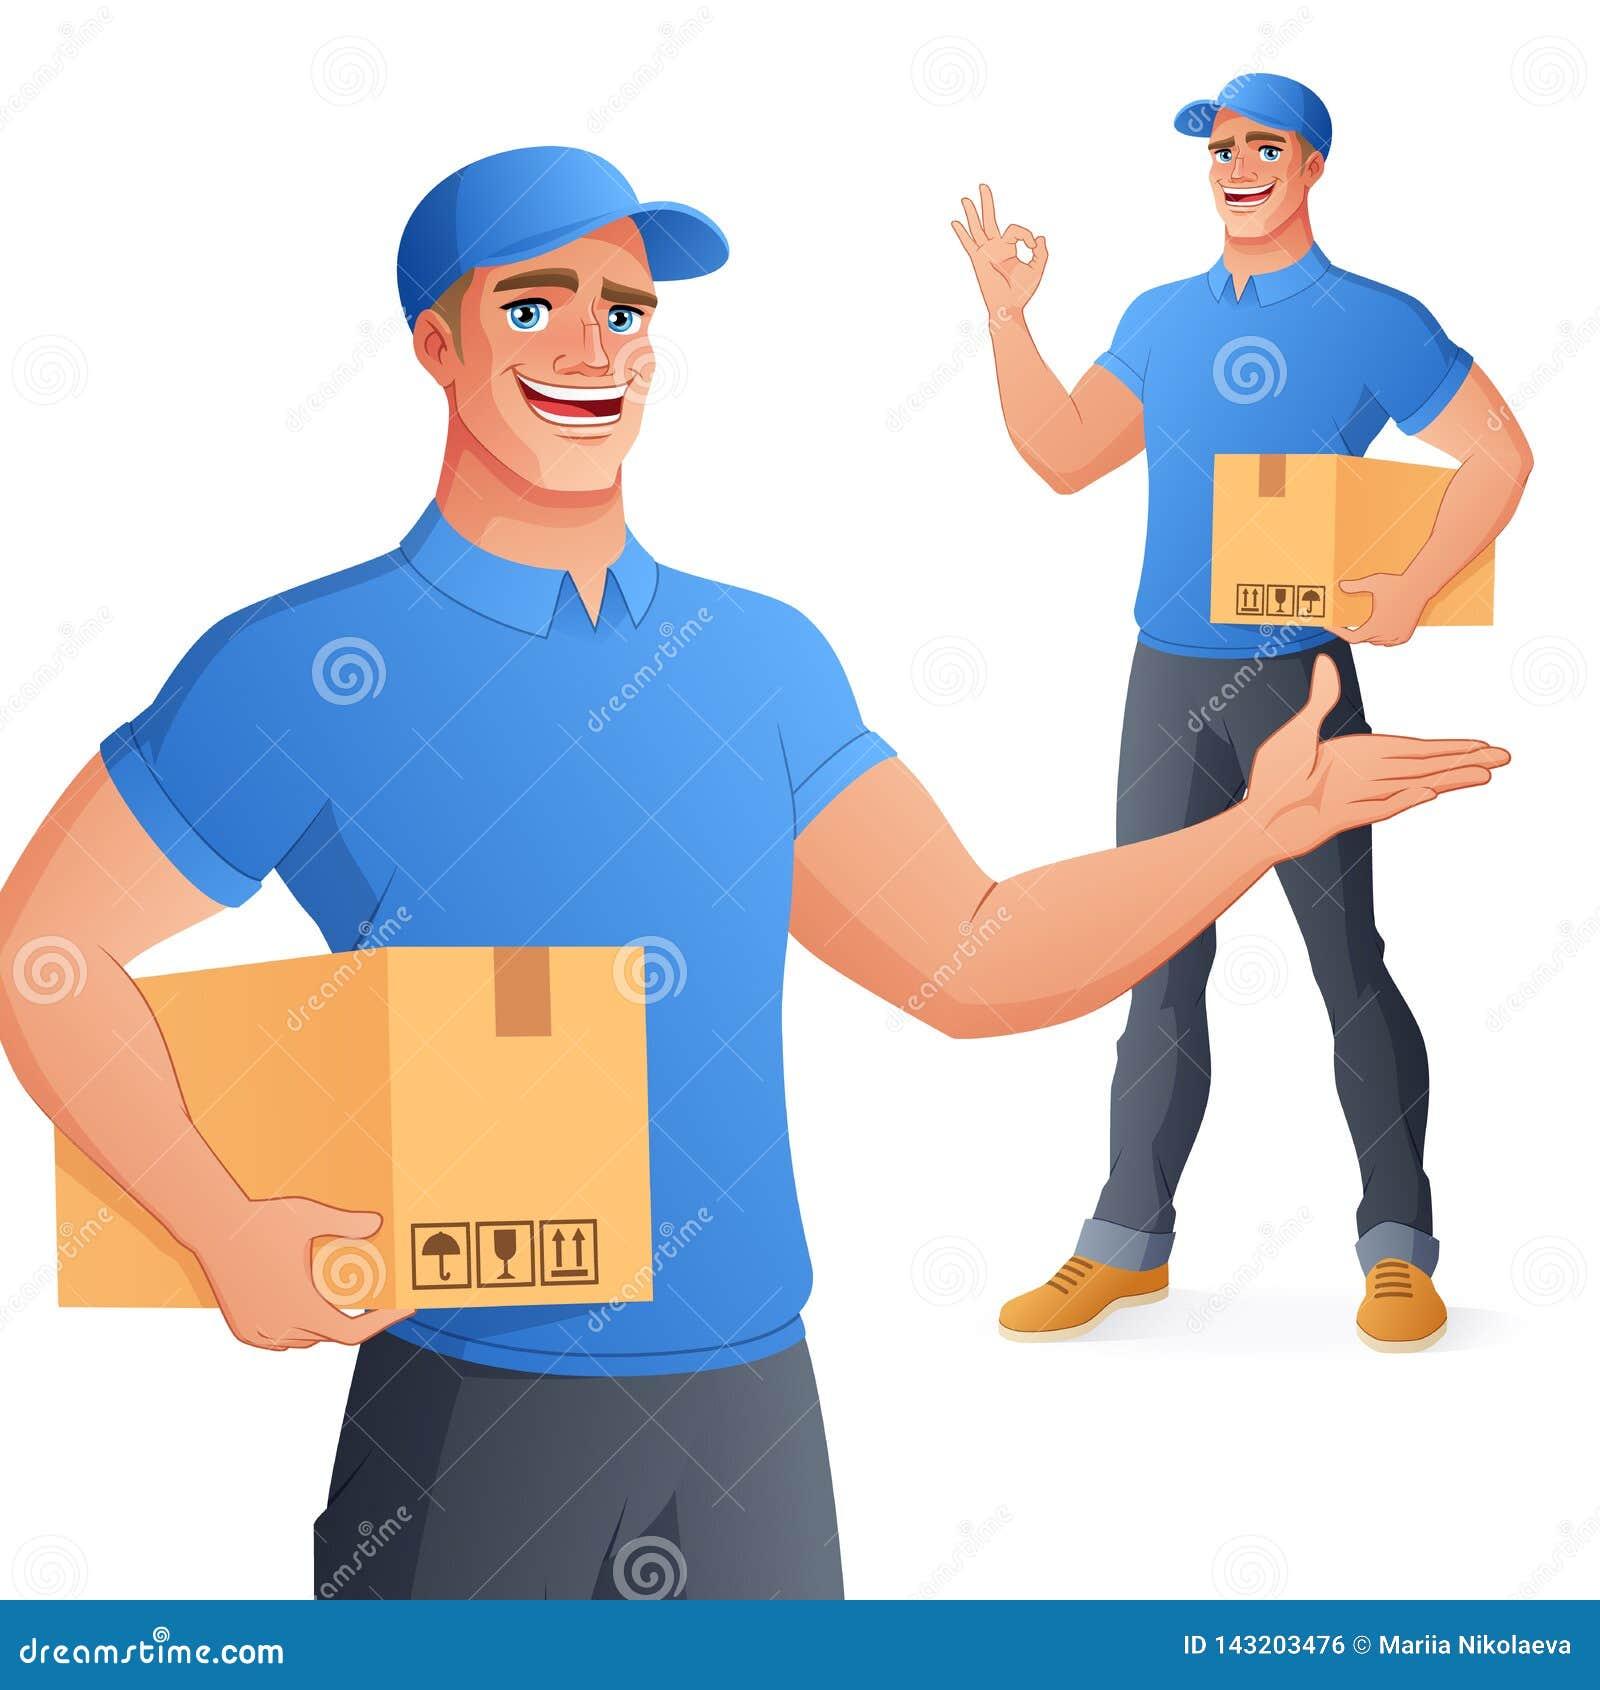 APROVAÇÃO da exibição da caixa da terra arrendada do homem do serviço de entrega do correio Ilustração do vetor